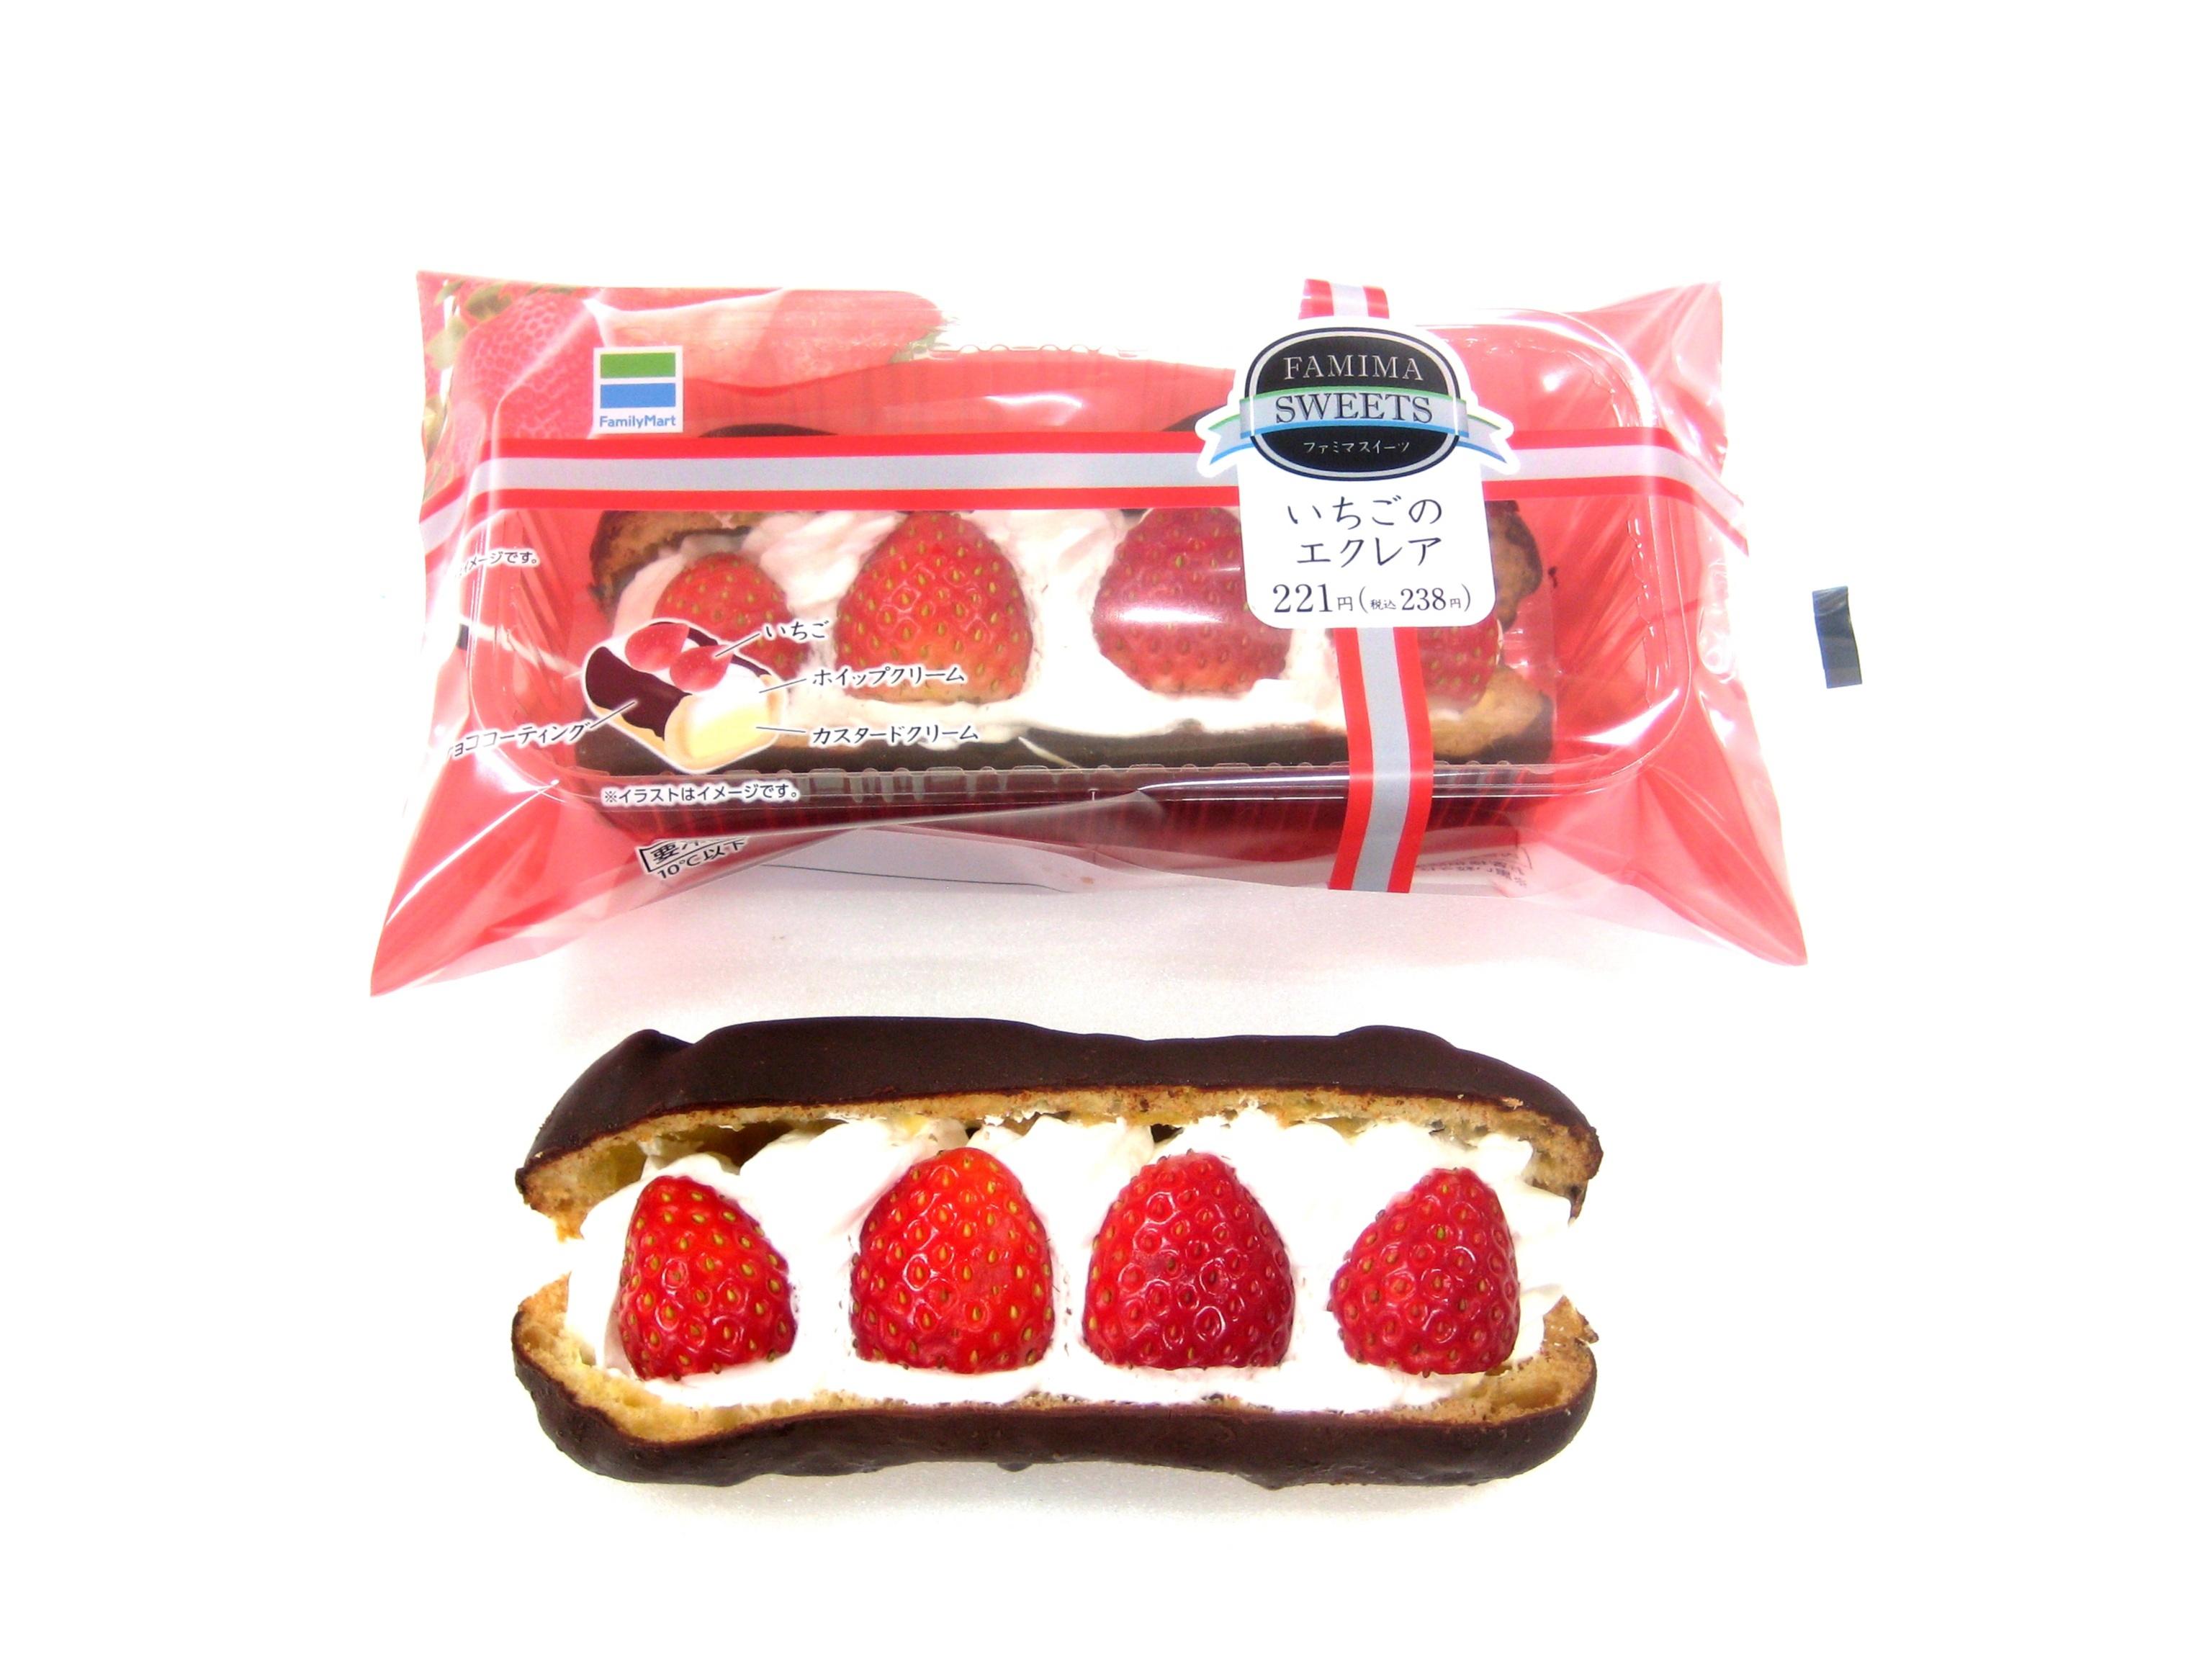 1月15日は【いちごの日】♡ 『ファミリーマート』のいちごフェアを満喫しちゃお!_1_1